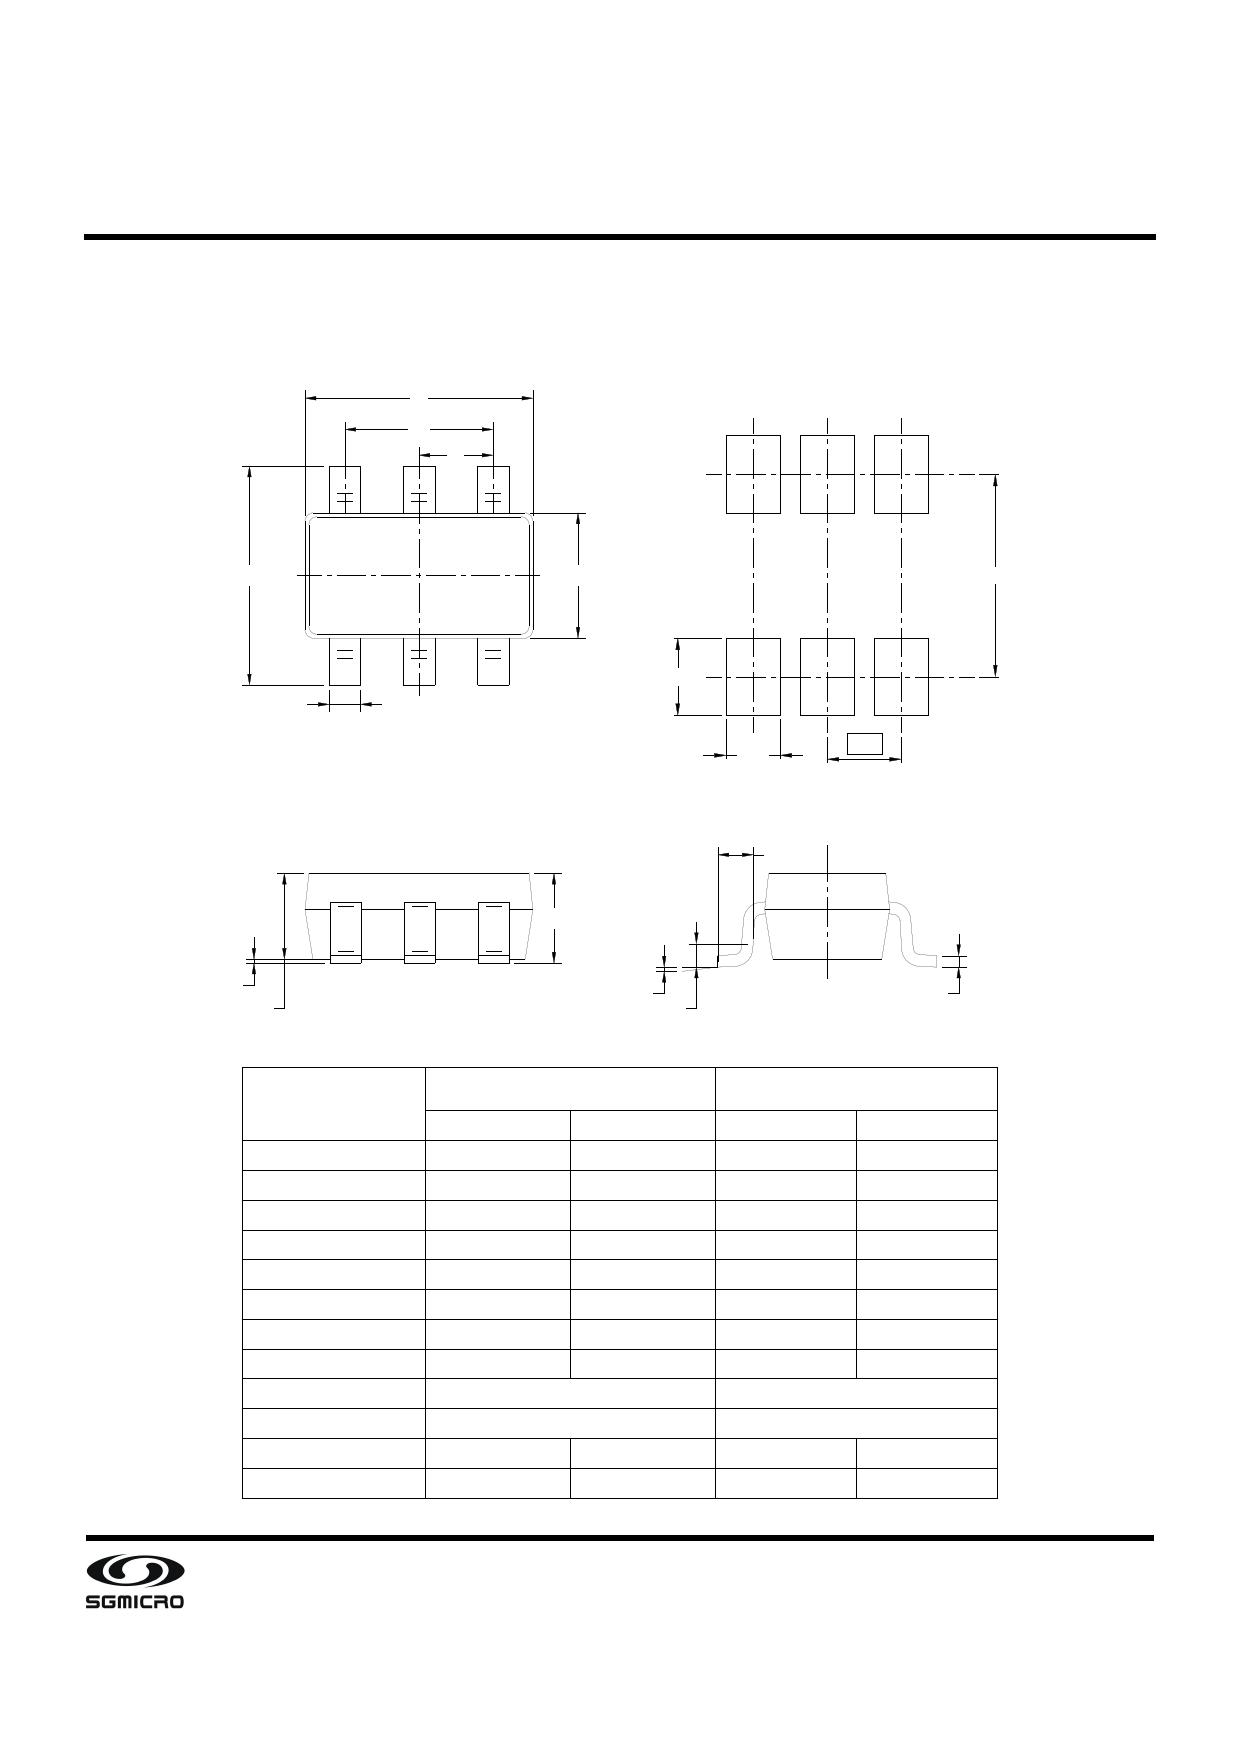 SGM8931 diode, scr